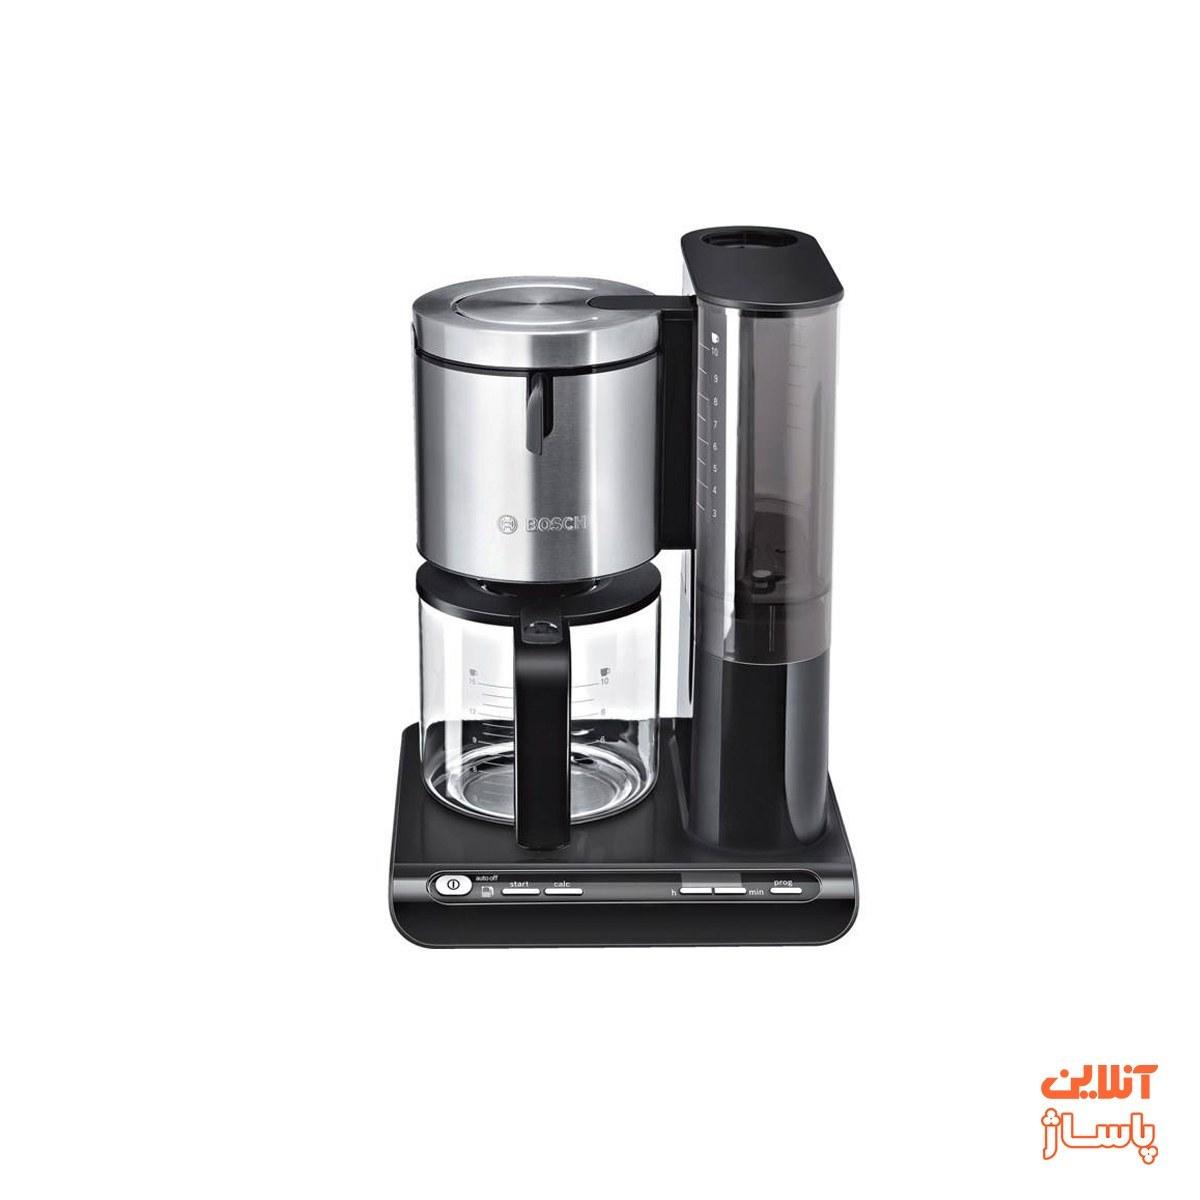 تصویر قهوه ساز بوش مدل TKA8633 Bosch TKA8633 Coffee Maker